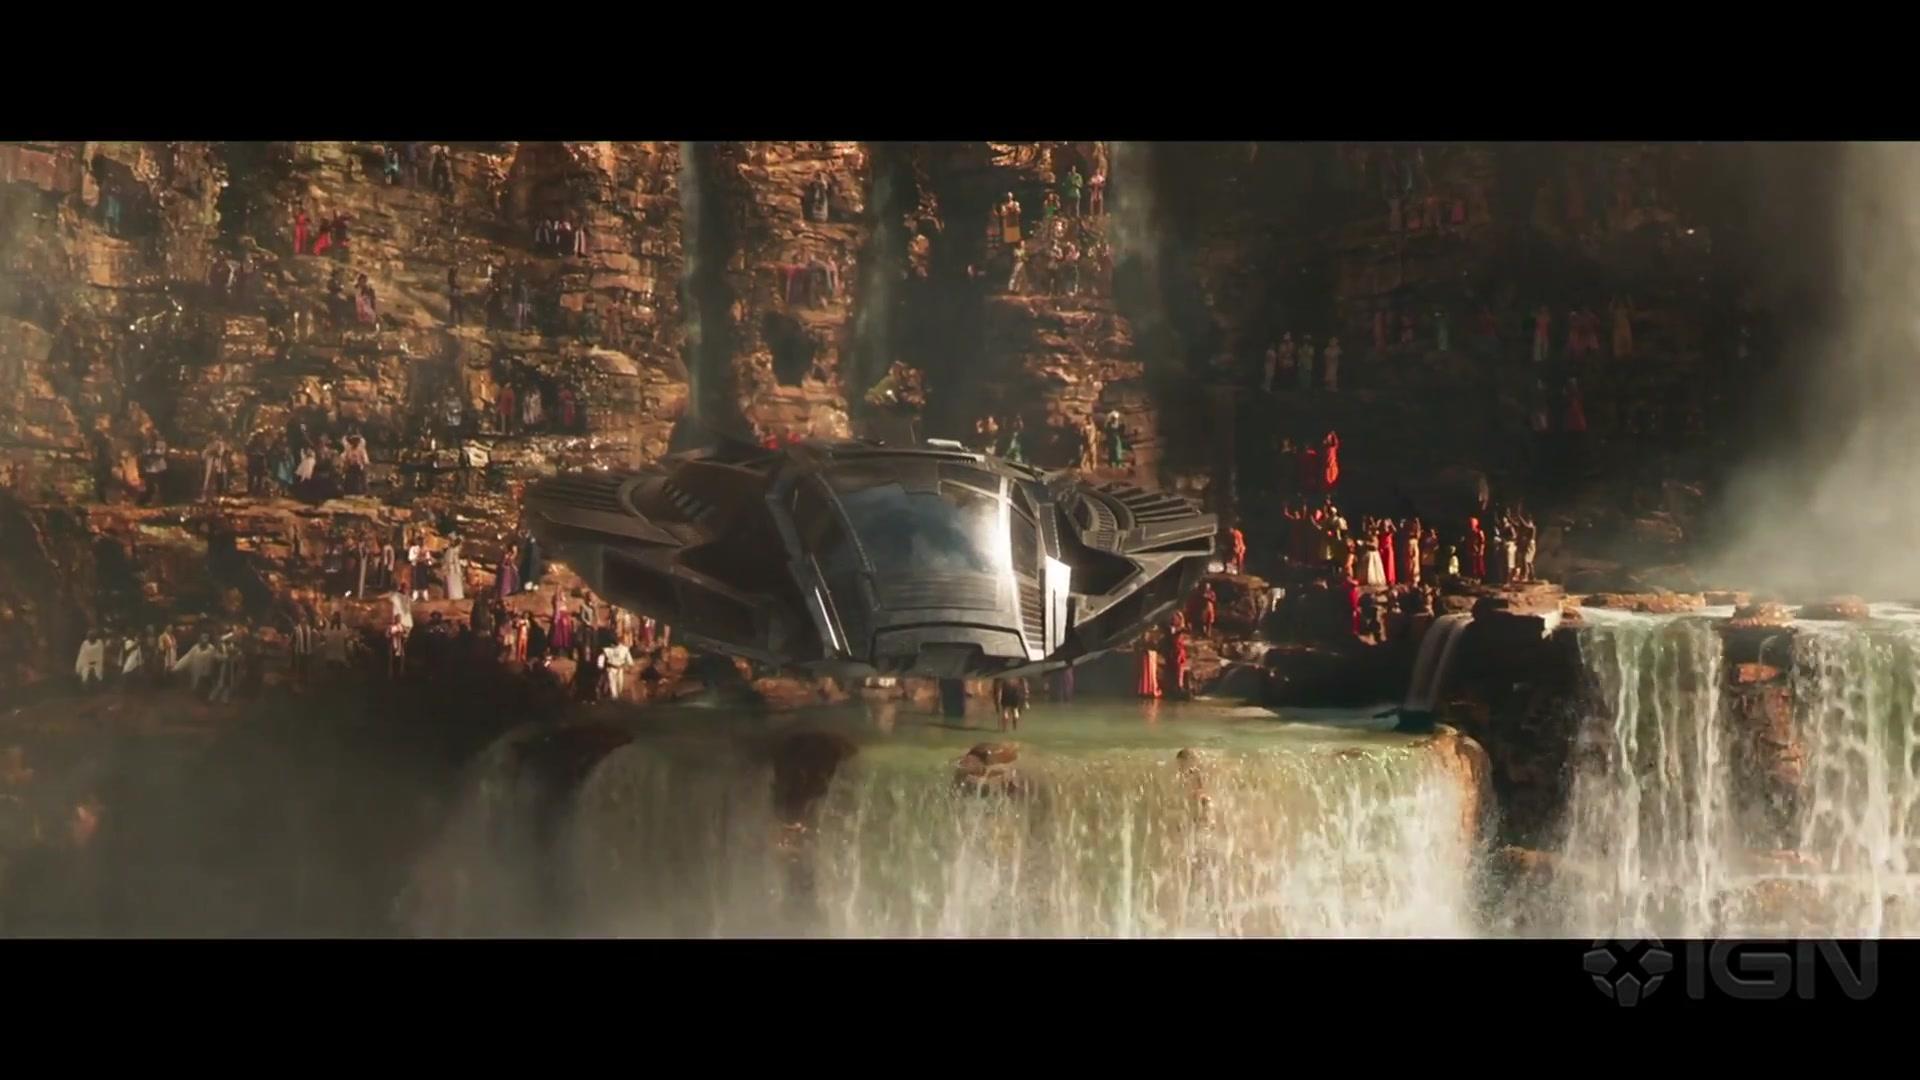 漫威《黑豹》电影预告片 black panther - domestic trailer #1 (2018